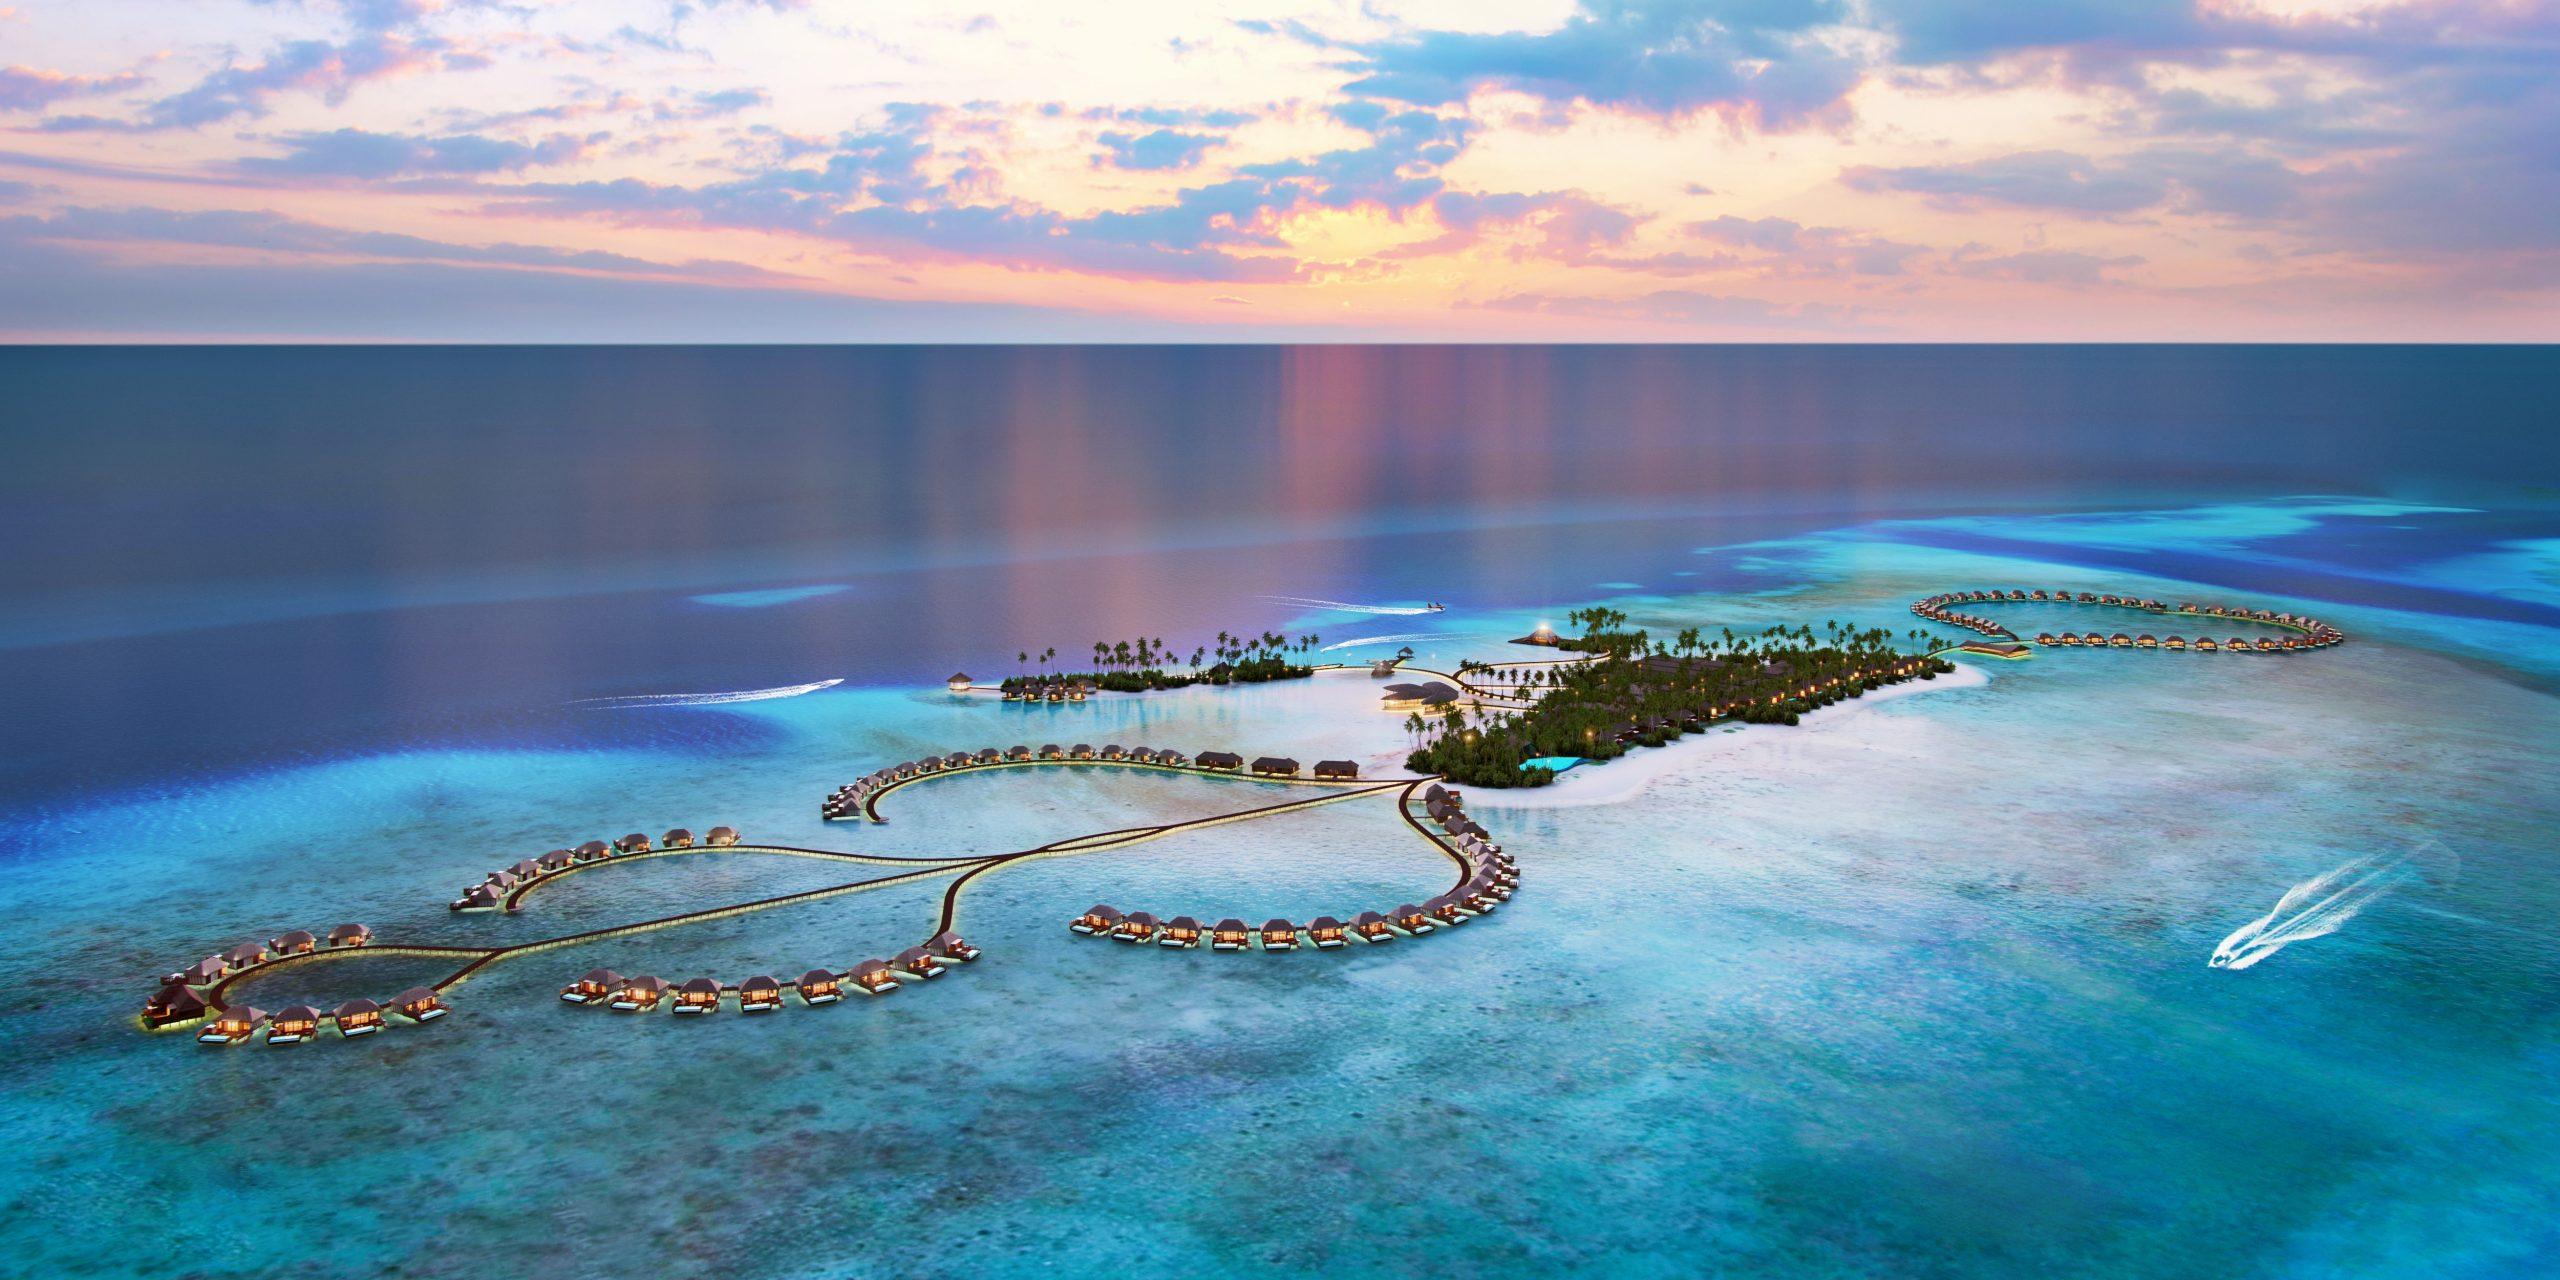 صور جزر المالديف 19